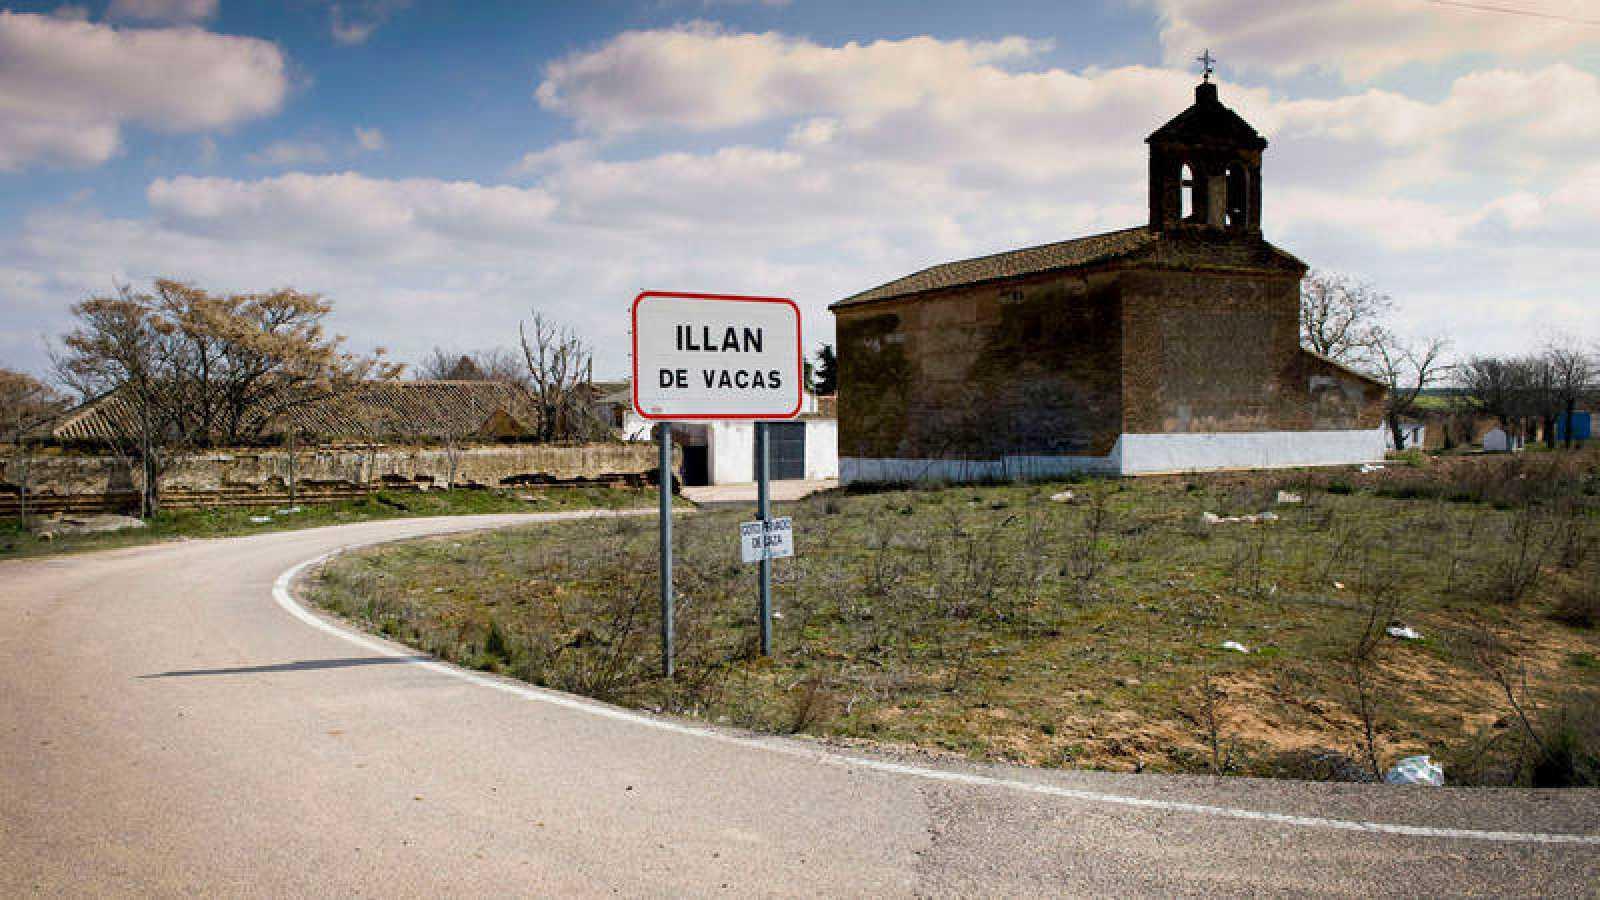 Illán de Vacas, en la provincia de Toledo, es el pueblo con menos habitantes de España según el último padrón